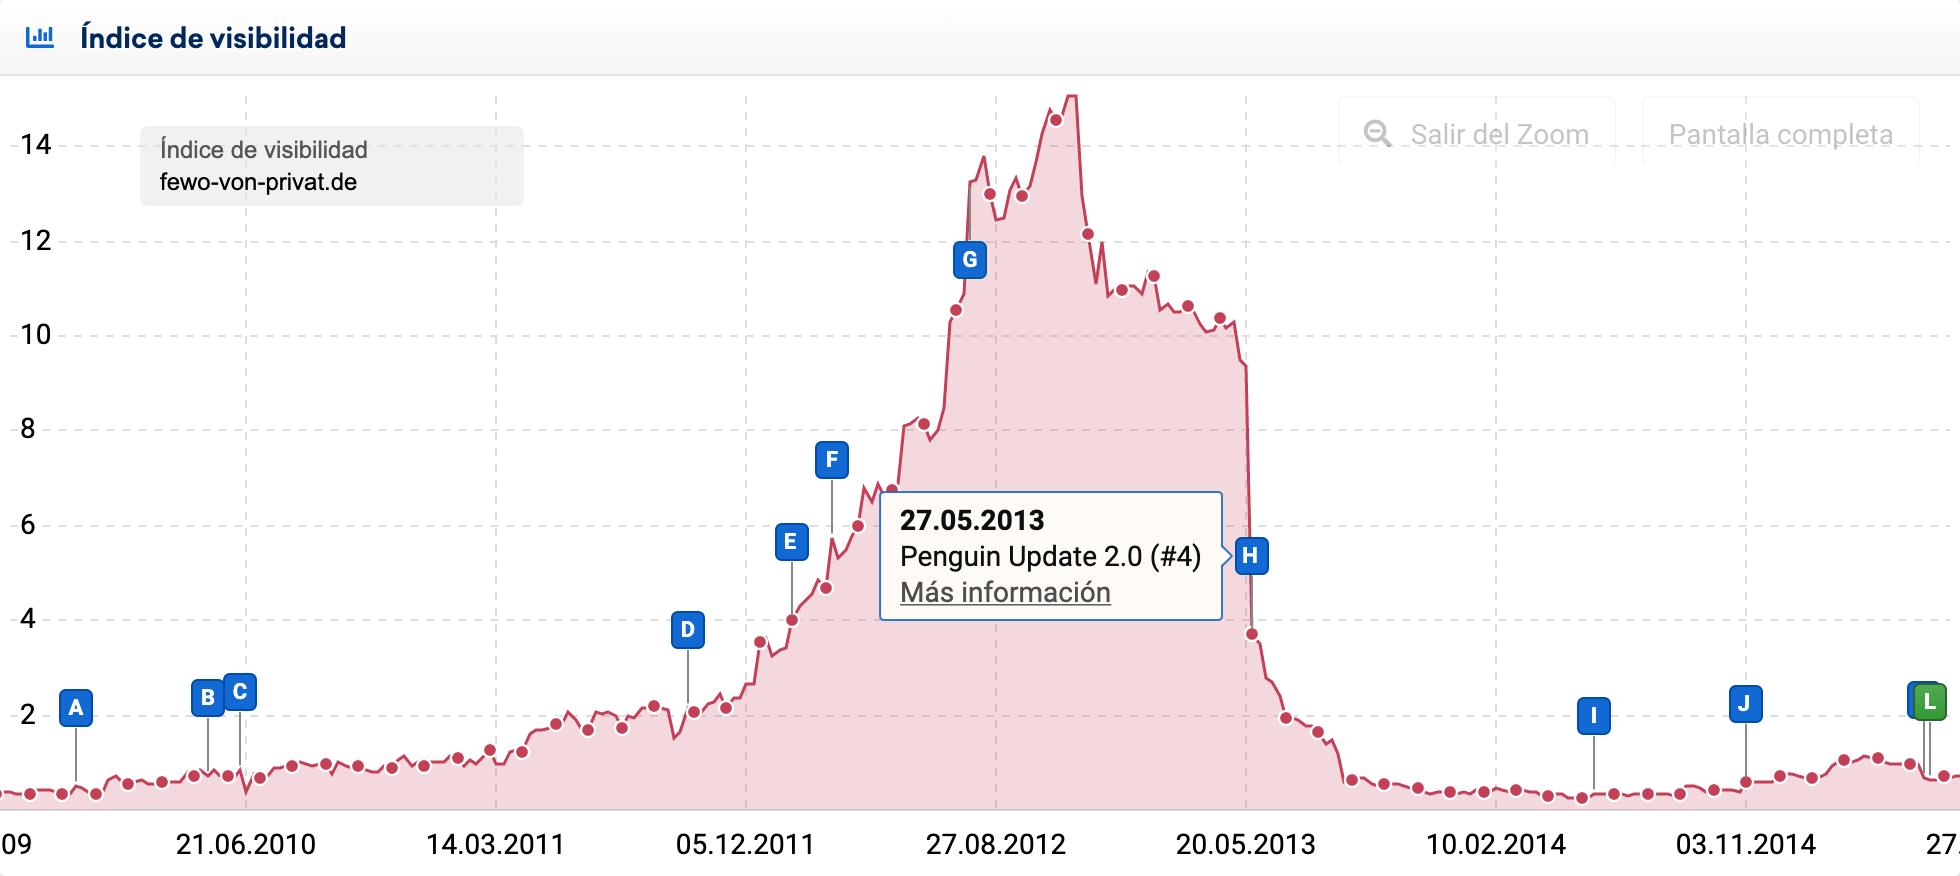 Gráfica del índice de visibilidad que muestra el resultado de la actualización Penguin 2.0 en el dominio alemán fewo-von-privat.de en los SERPs de google.de